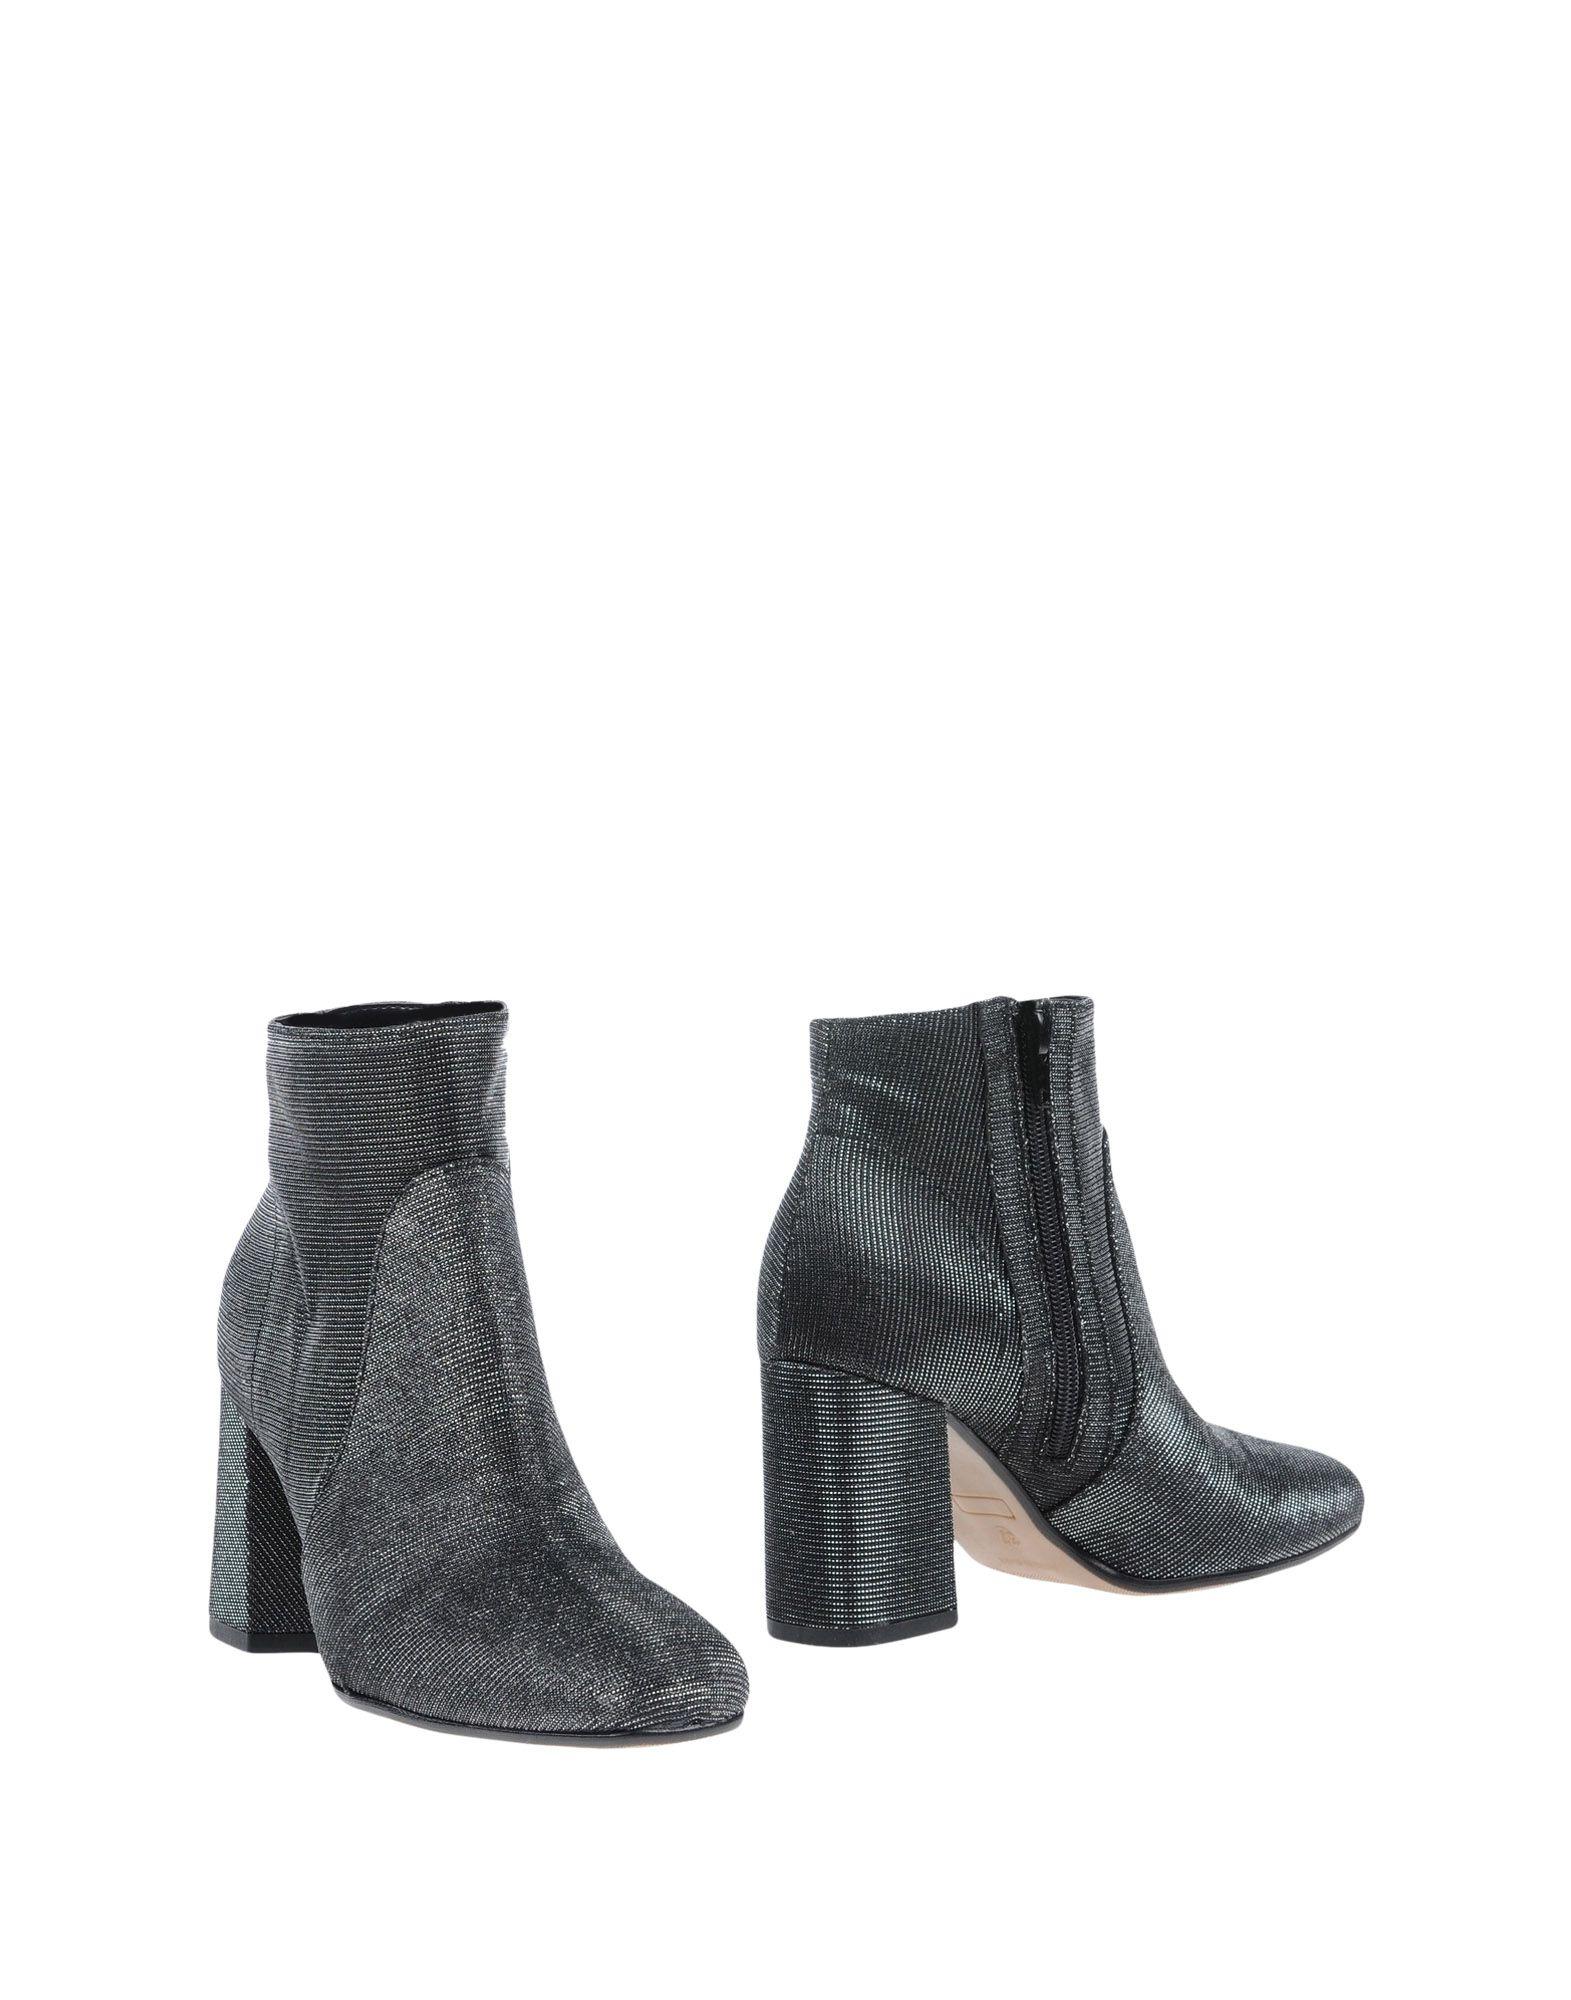 Le Stelle Stiefelette Damen  11333516GA Gute Qualität beliebte Schuhe